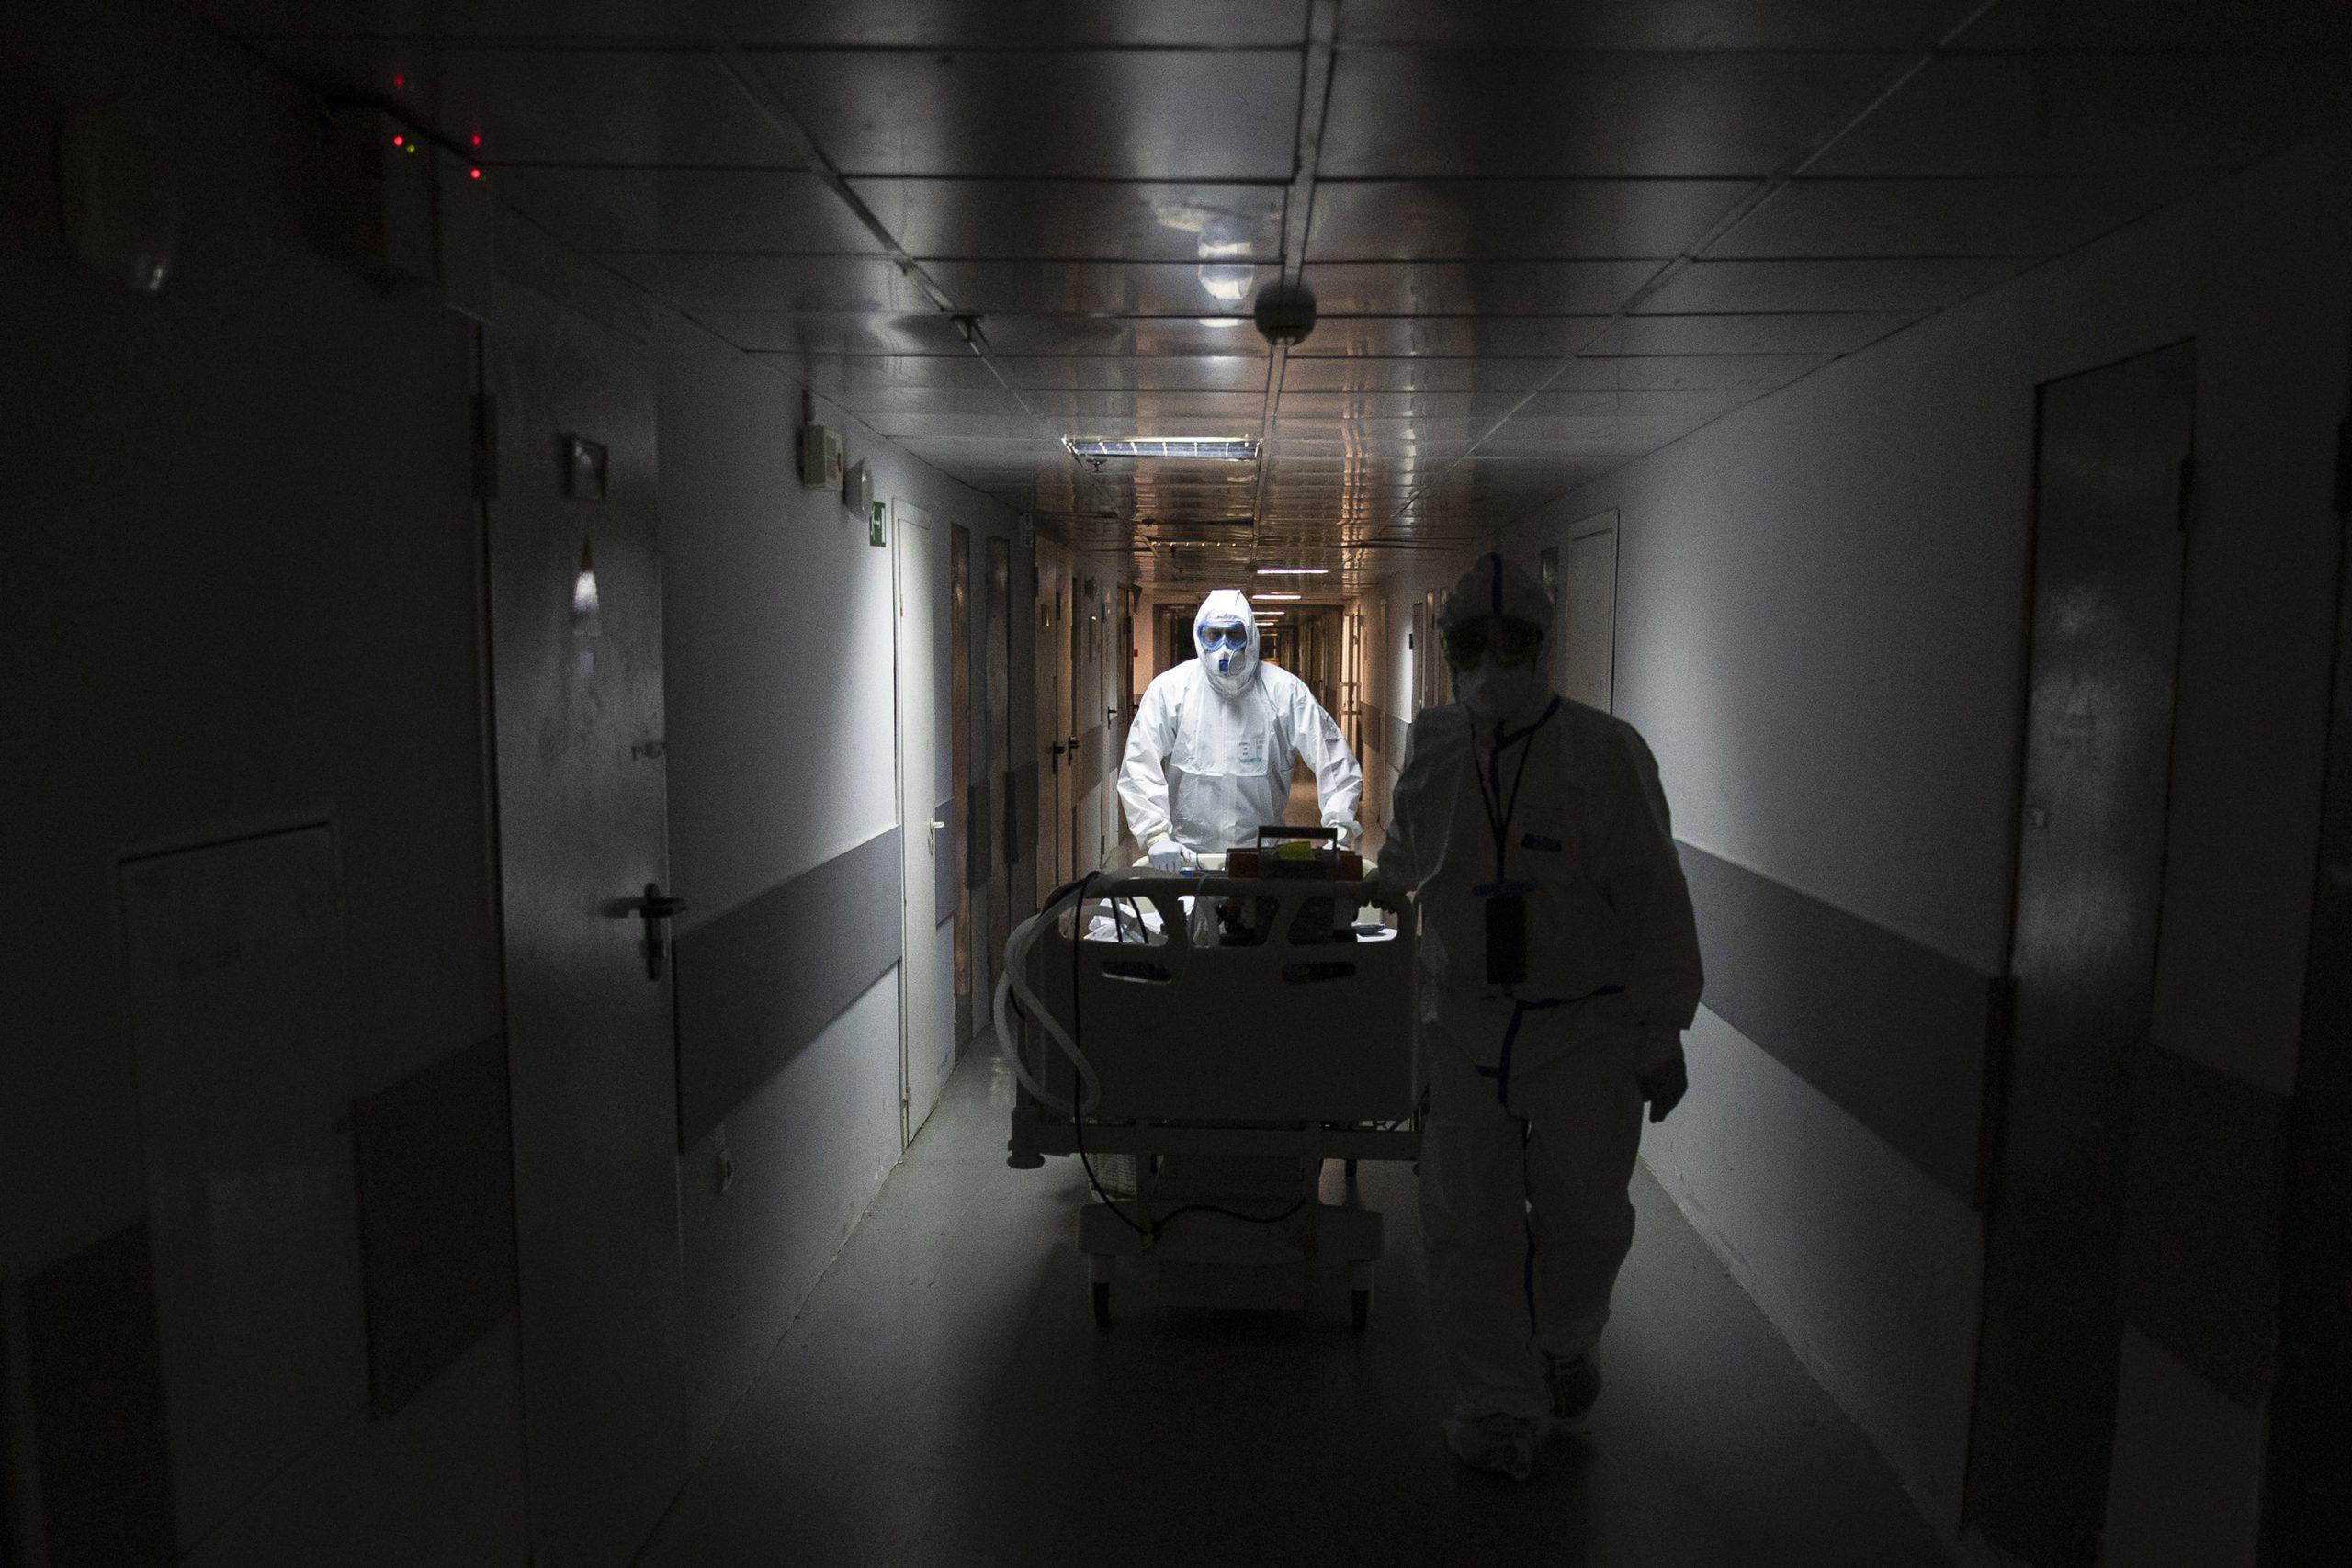 Rusia suma más de 300.000 casos de coronavirus